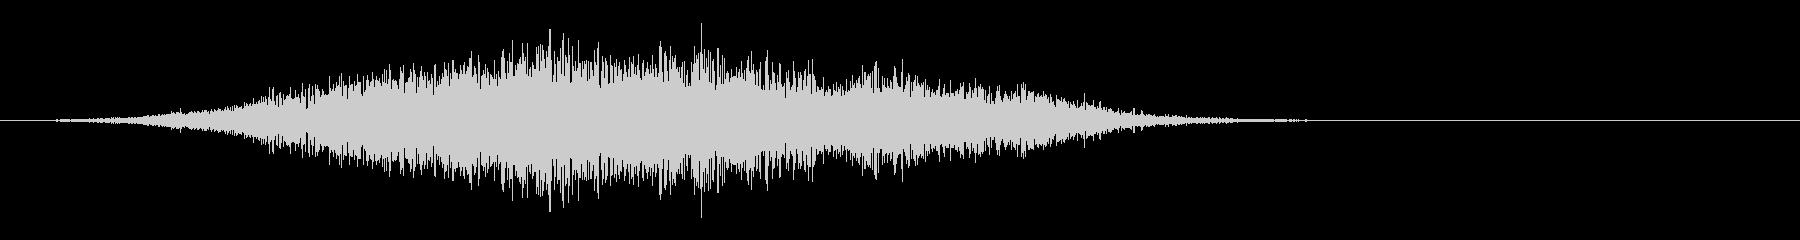 音楽:不気味なオーケストラ、トレモ...の未再生の波形